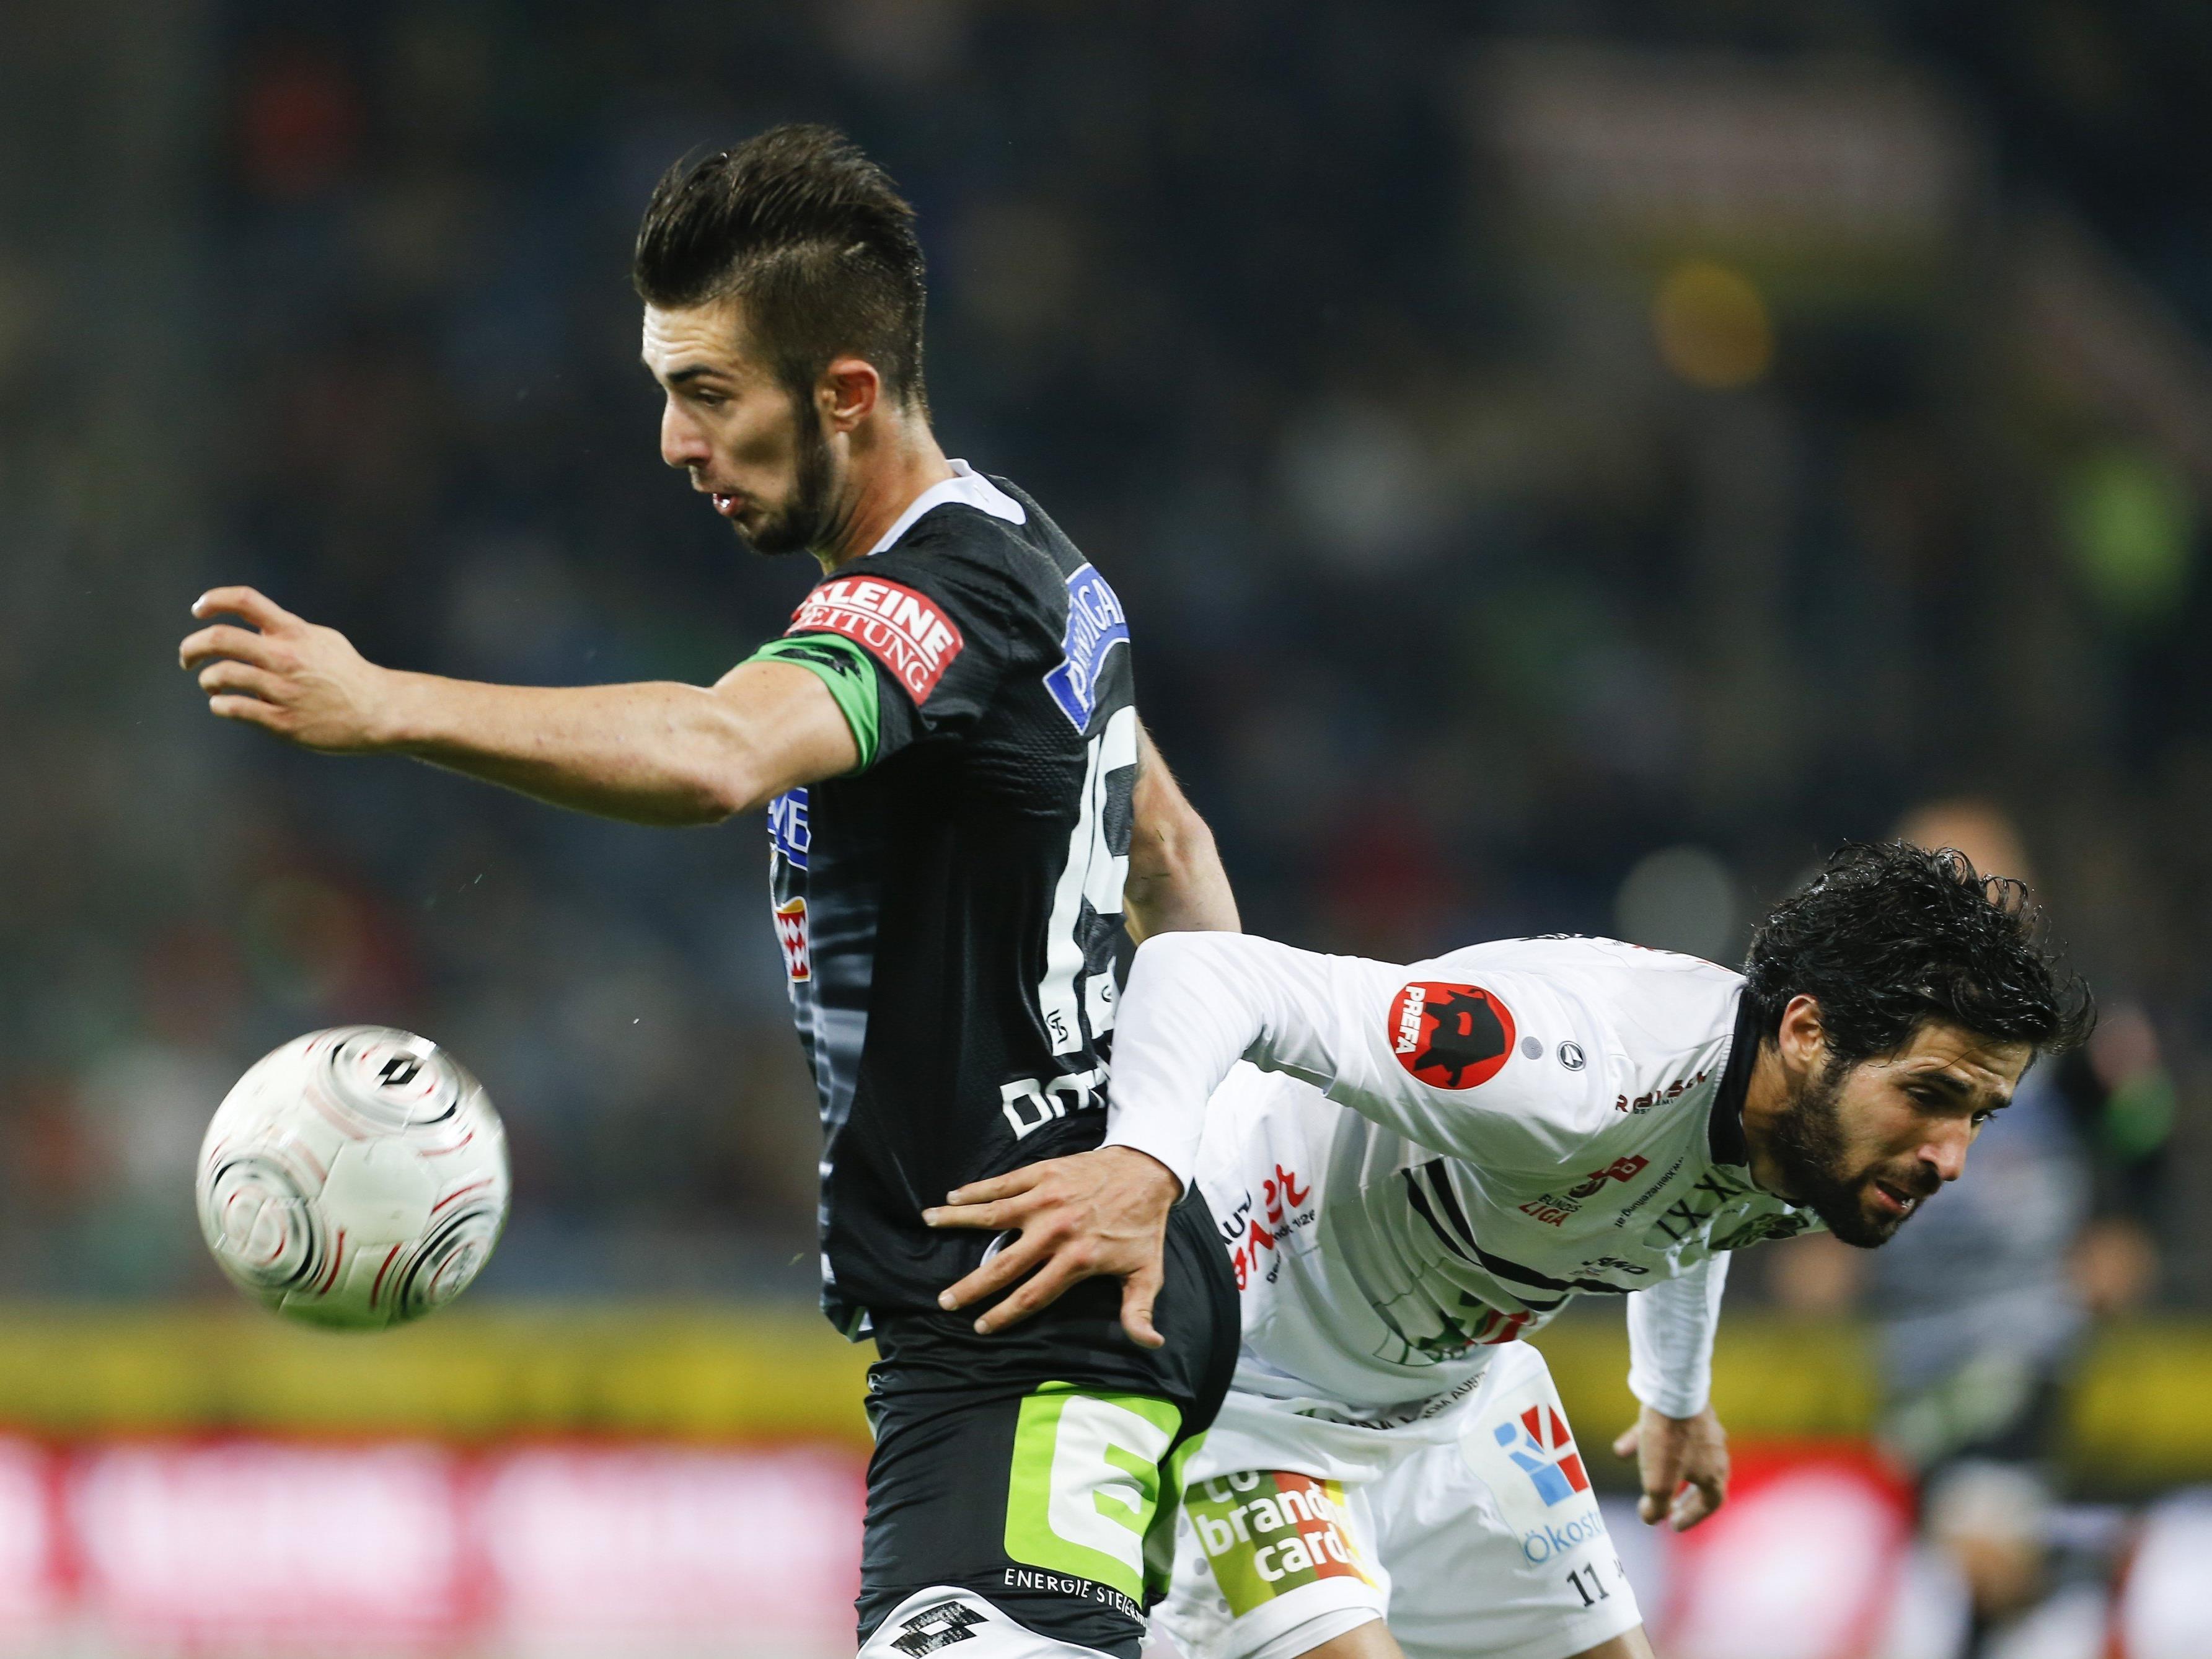 LIVE-Ticker zum Spiel WAC gegen SK Sturm Graz ab 18.30 Uhr.